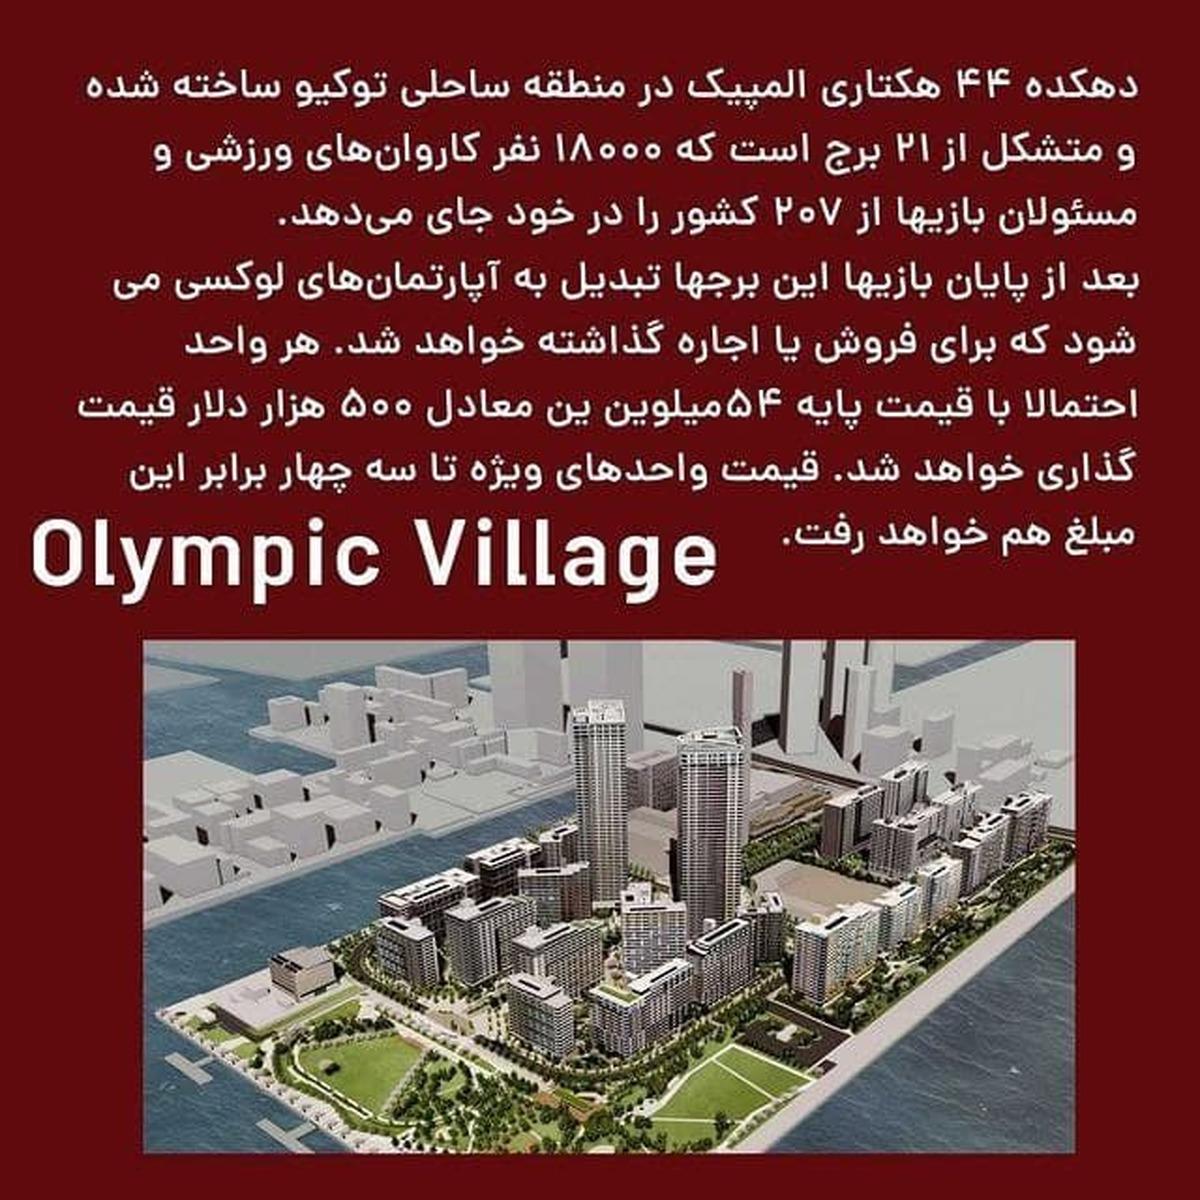 درباره دهکده المپیک توکیو